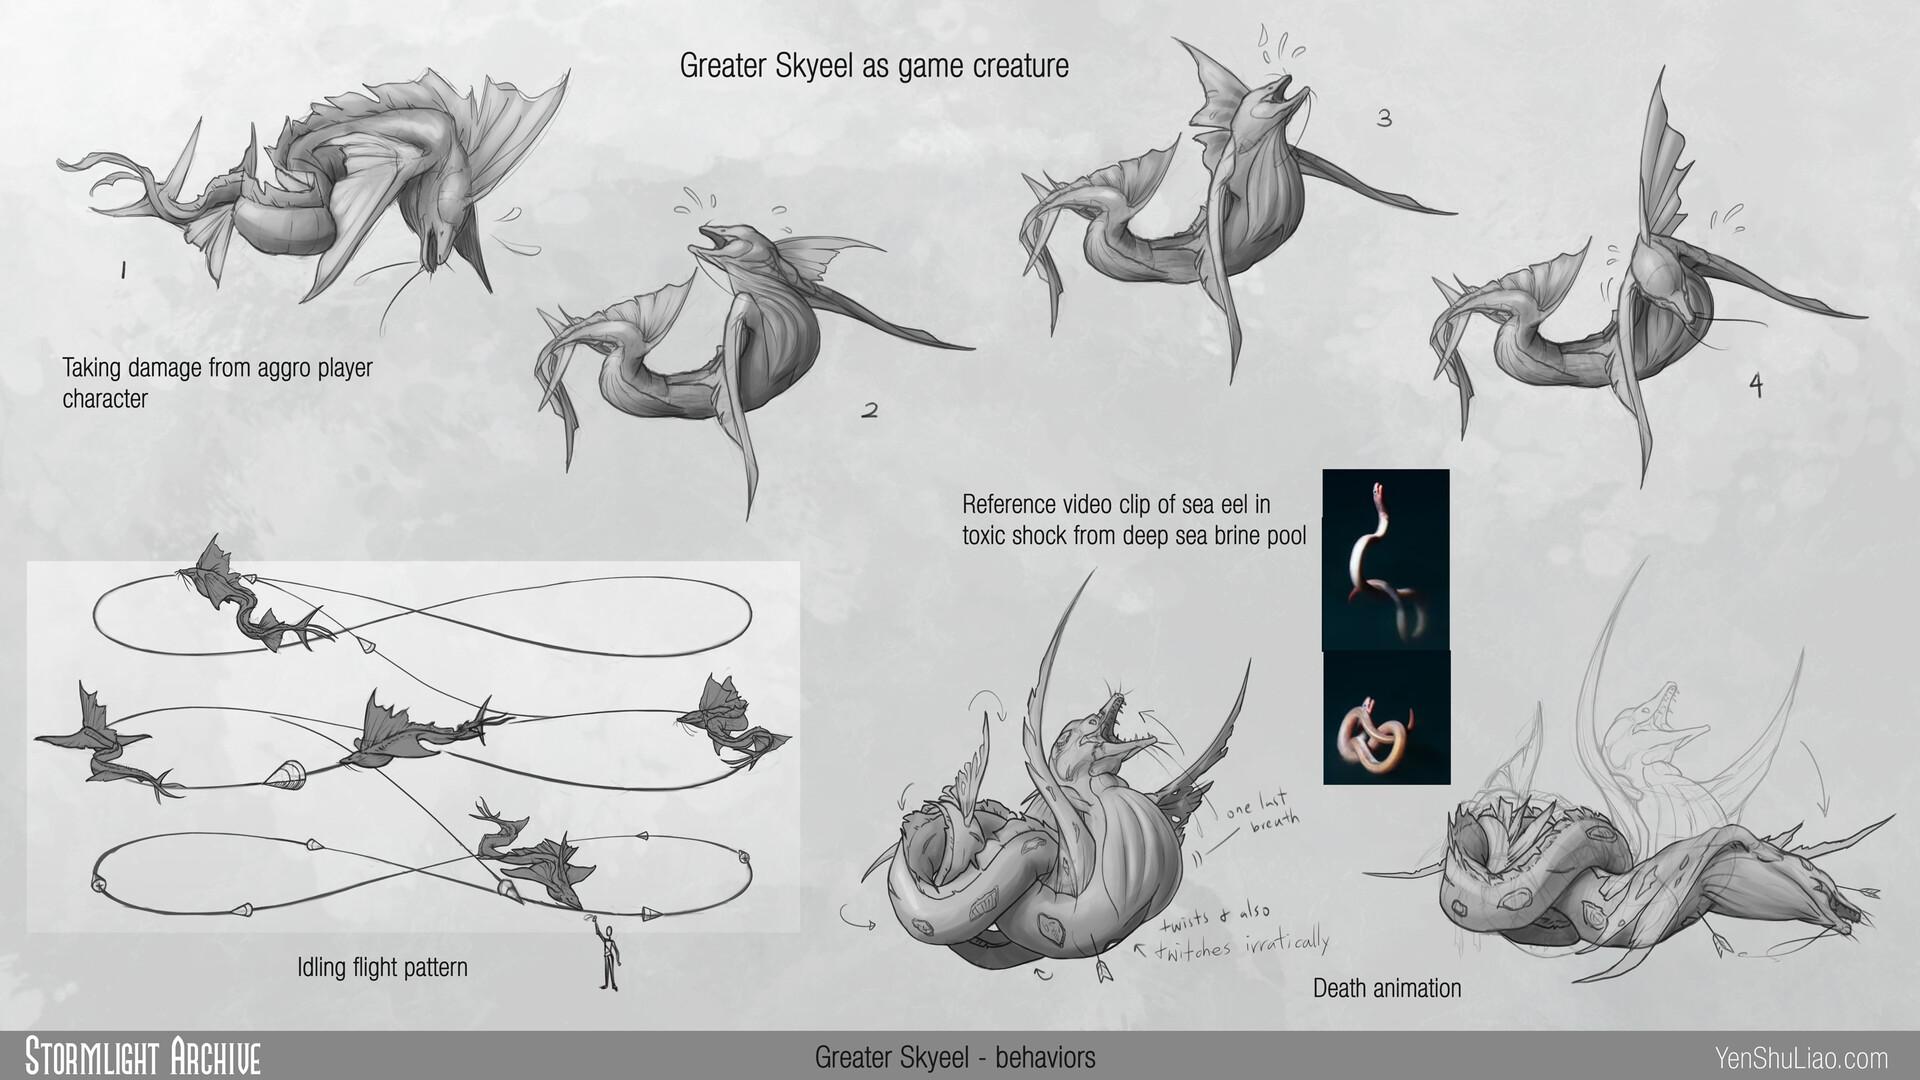 Yen shu liao stormlightarchive skyeel creature concept behavior 01 yen shu liao